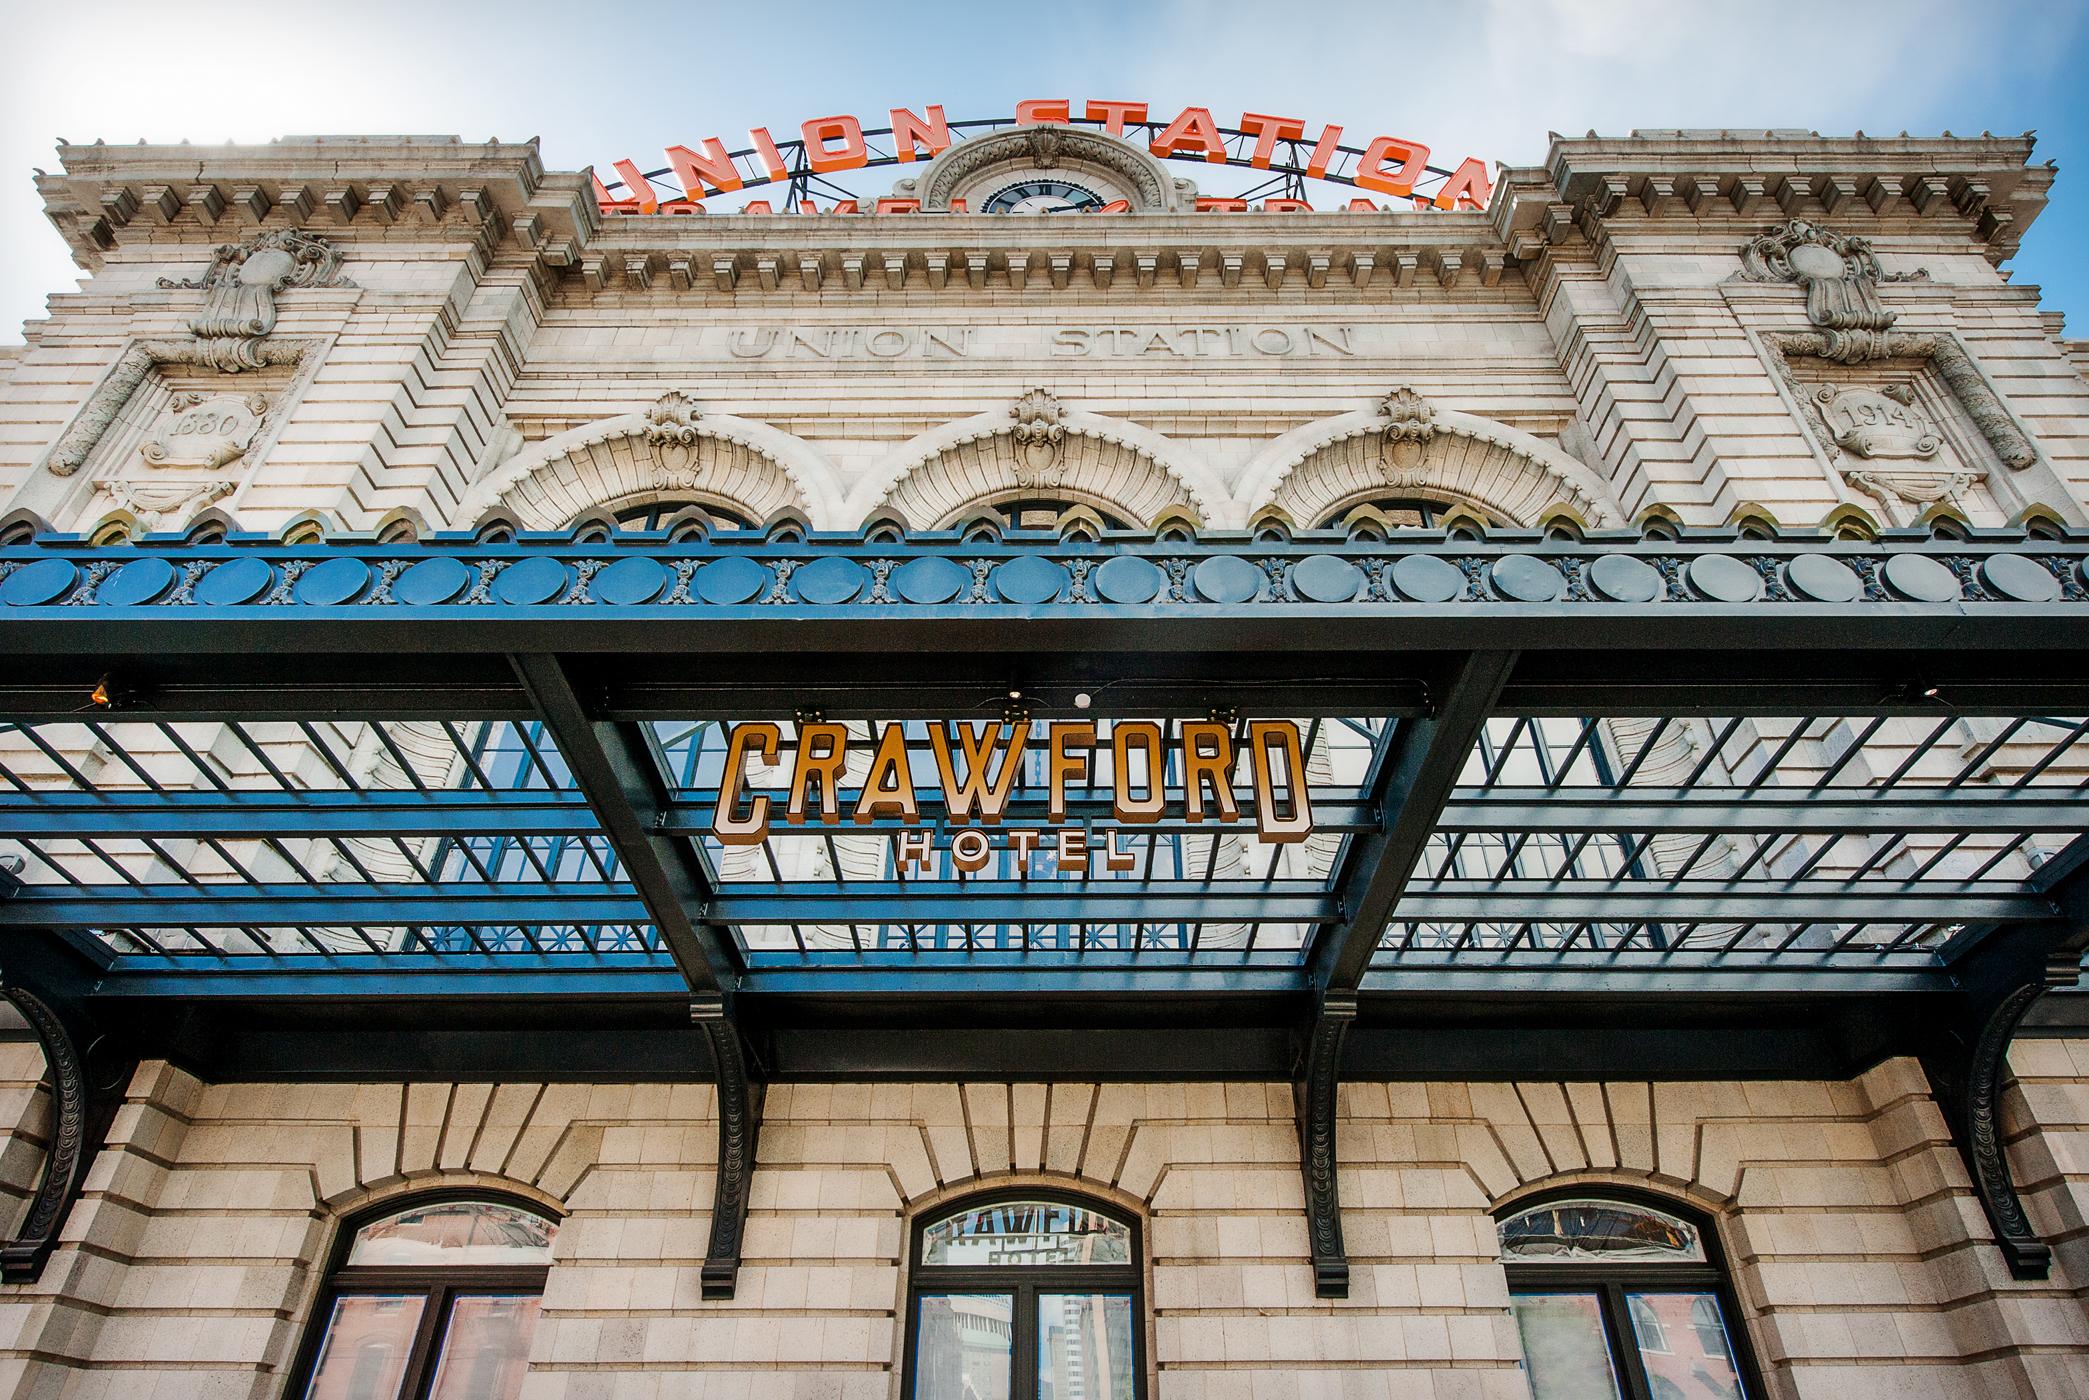 Photo by Ellen Jaskol - The Crawford Hotel